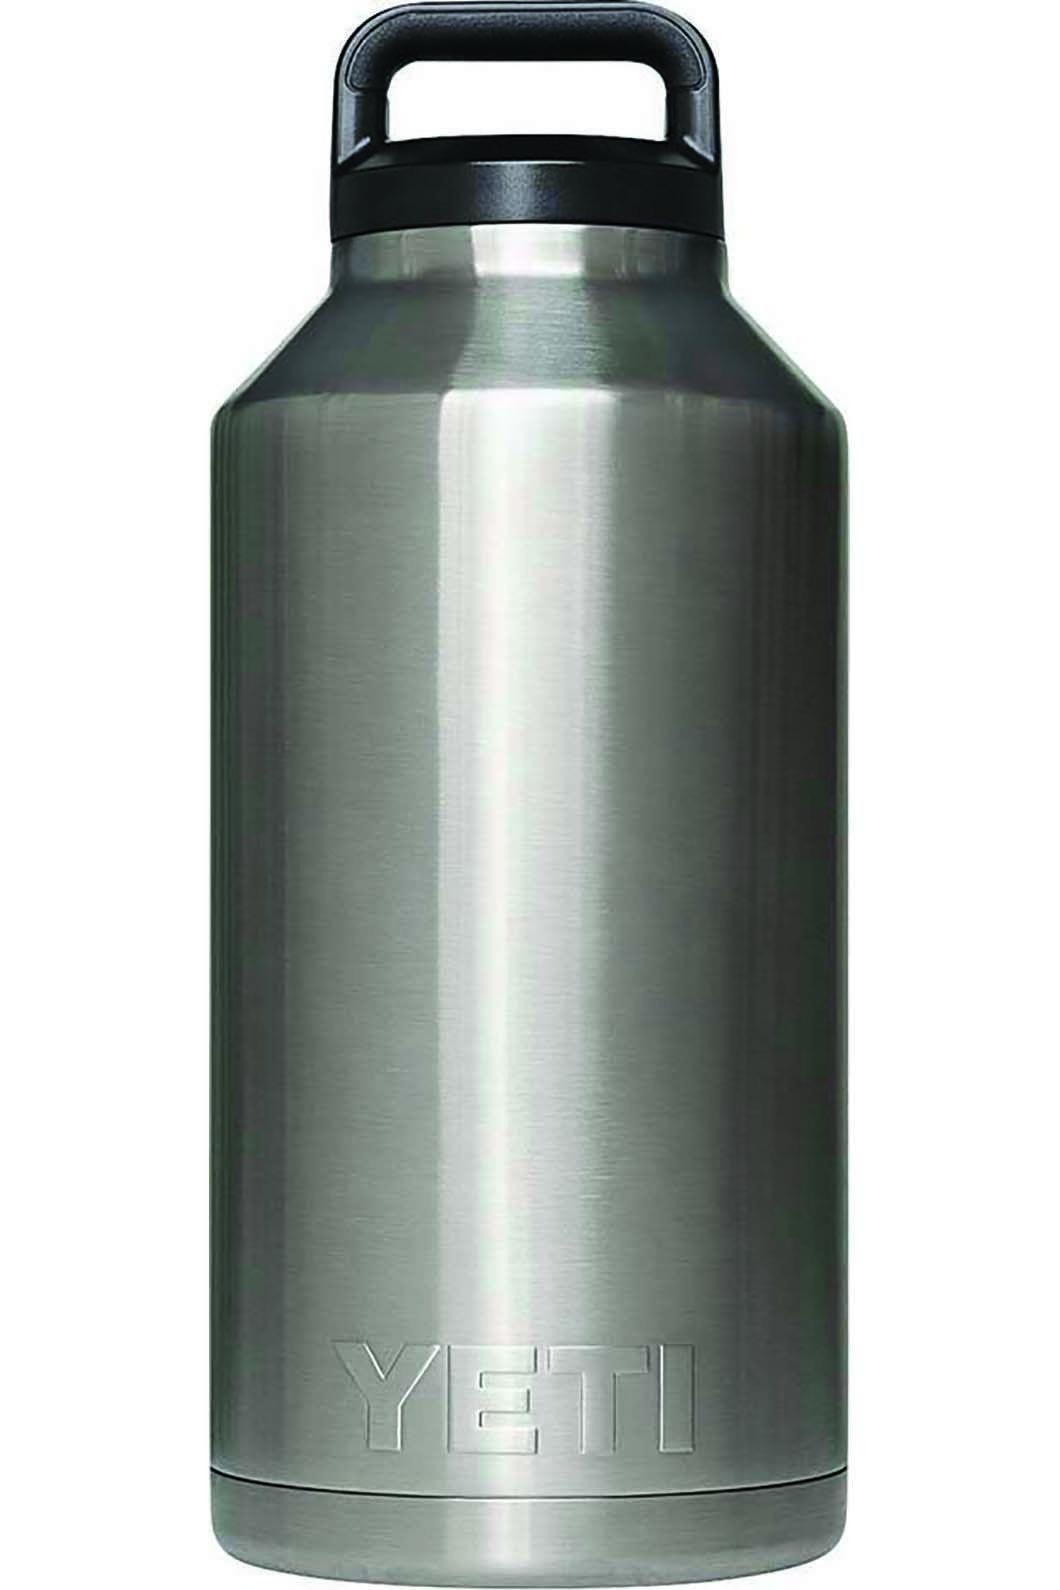 Yeti Rambler Drink Bottle, None, hi-res